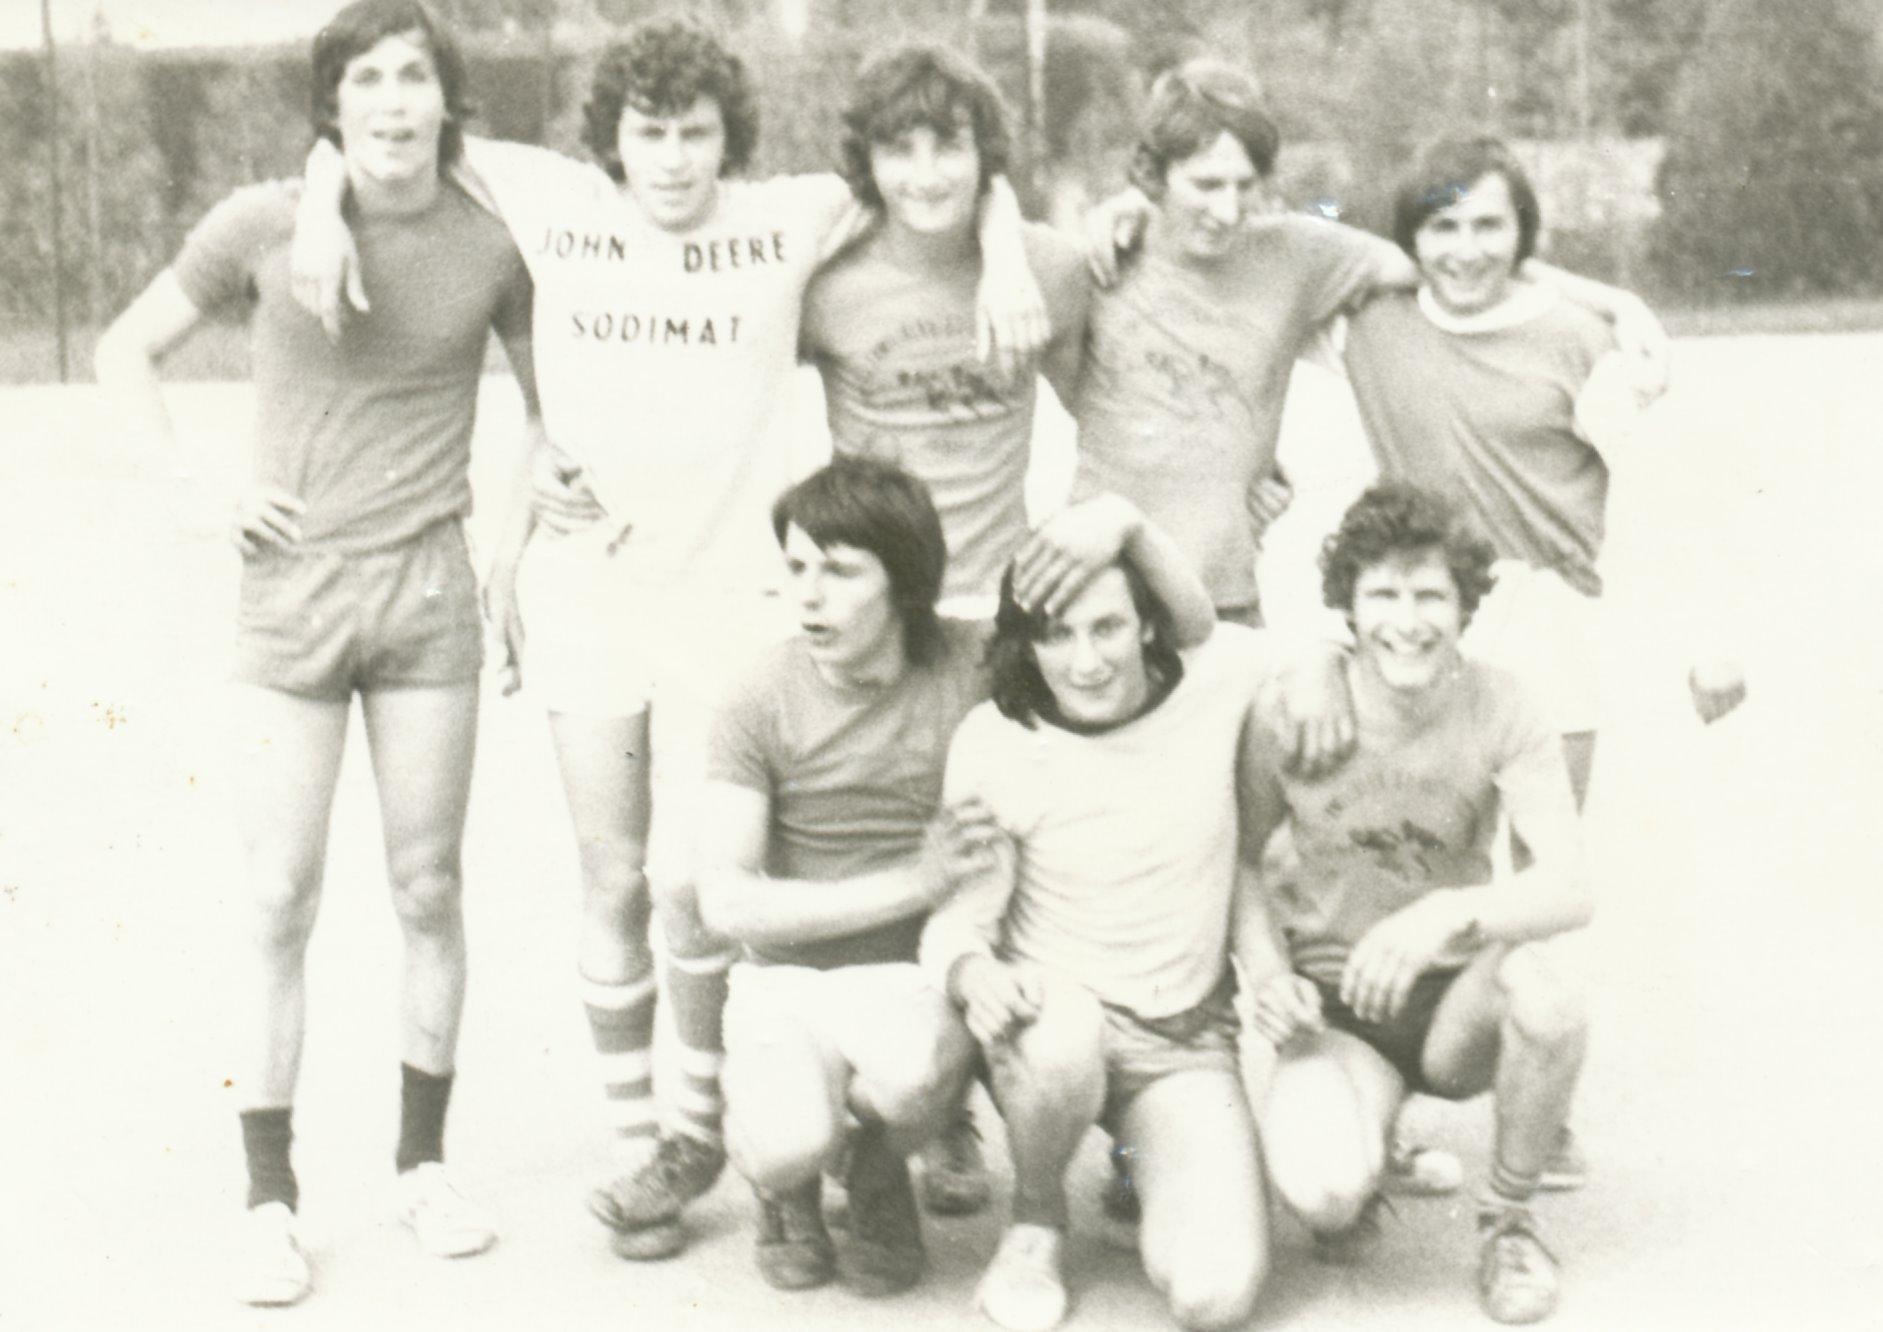 Archives anciens élèves mfr puy-sec 1974 (1)